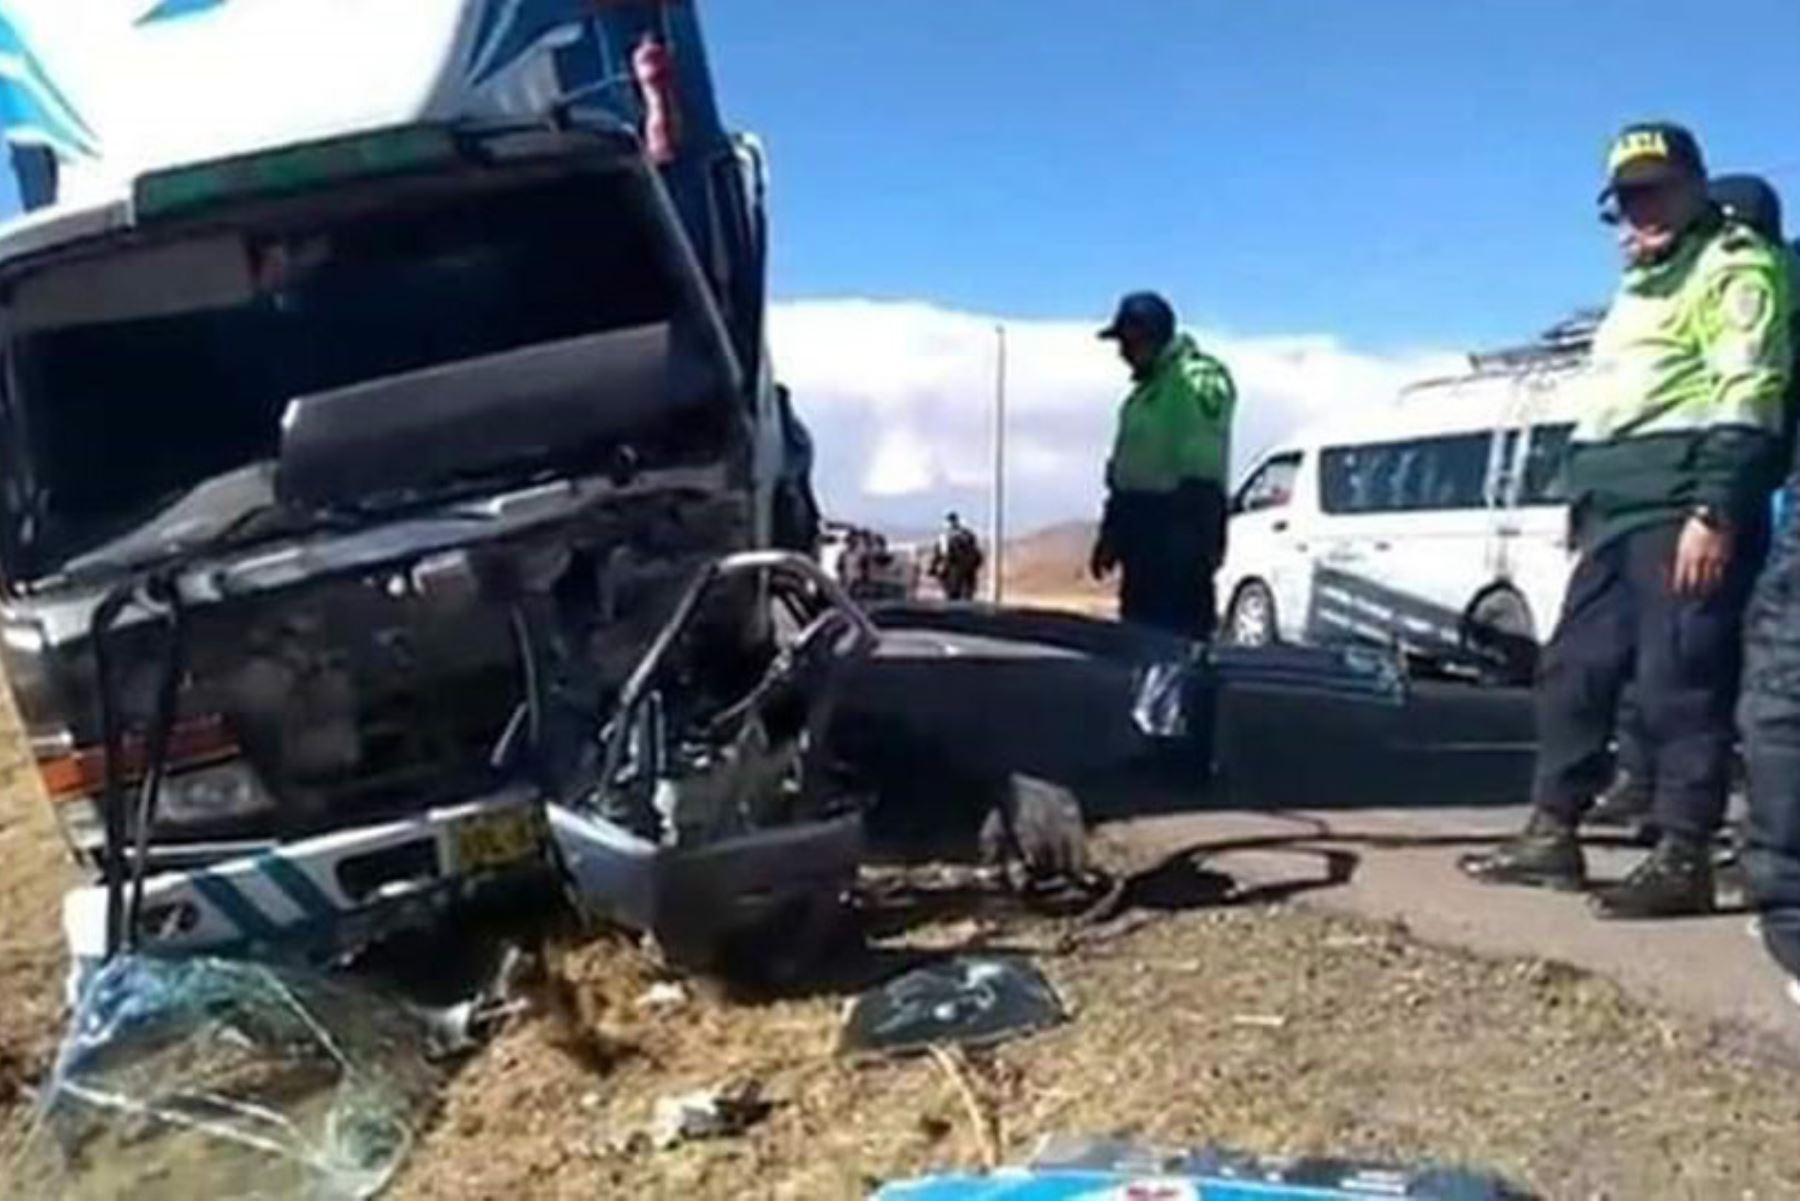 Sutran detectó más de 13,000 infracciones por exceso de velocidad en carreteras. ANDINA/Difusión